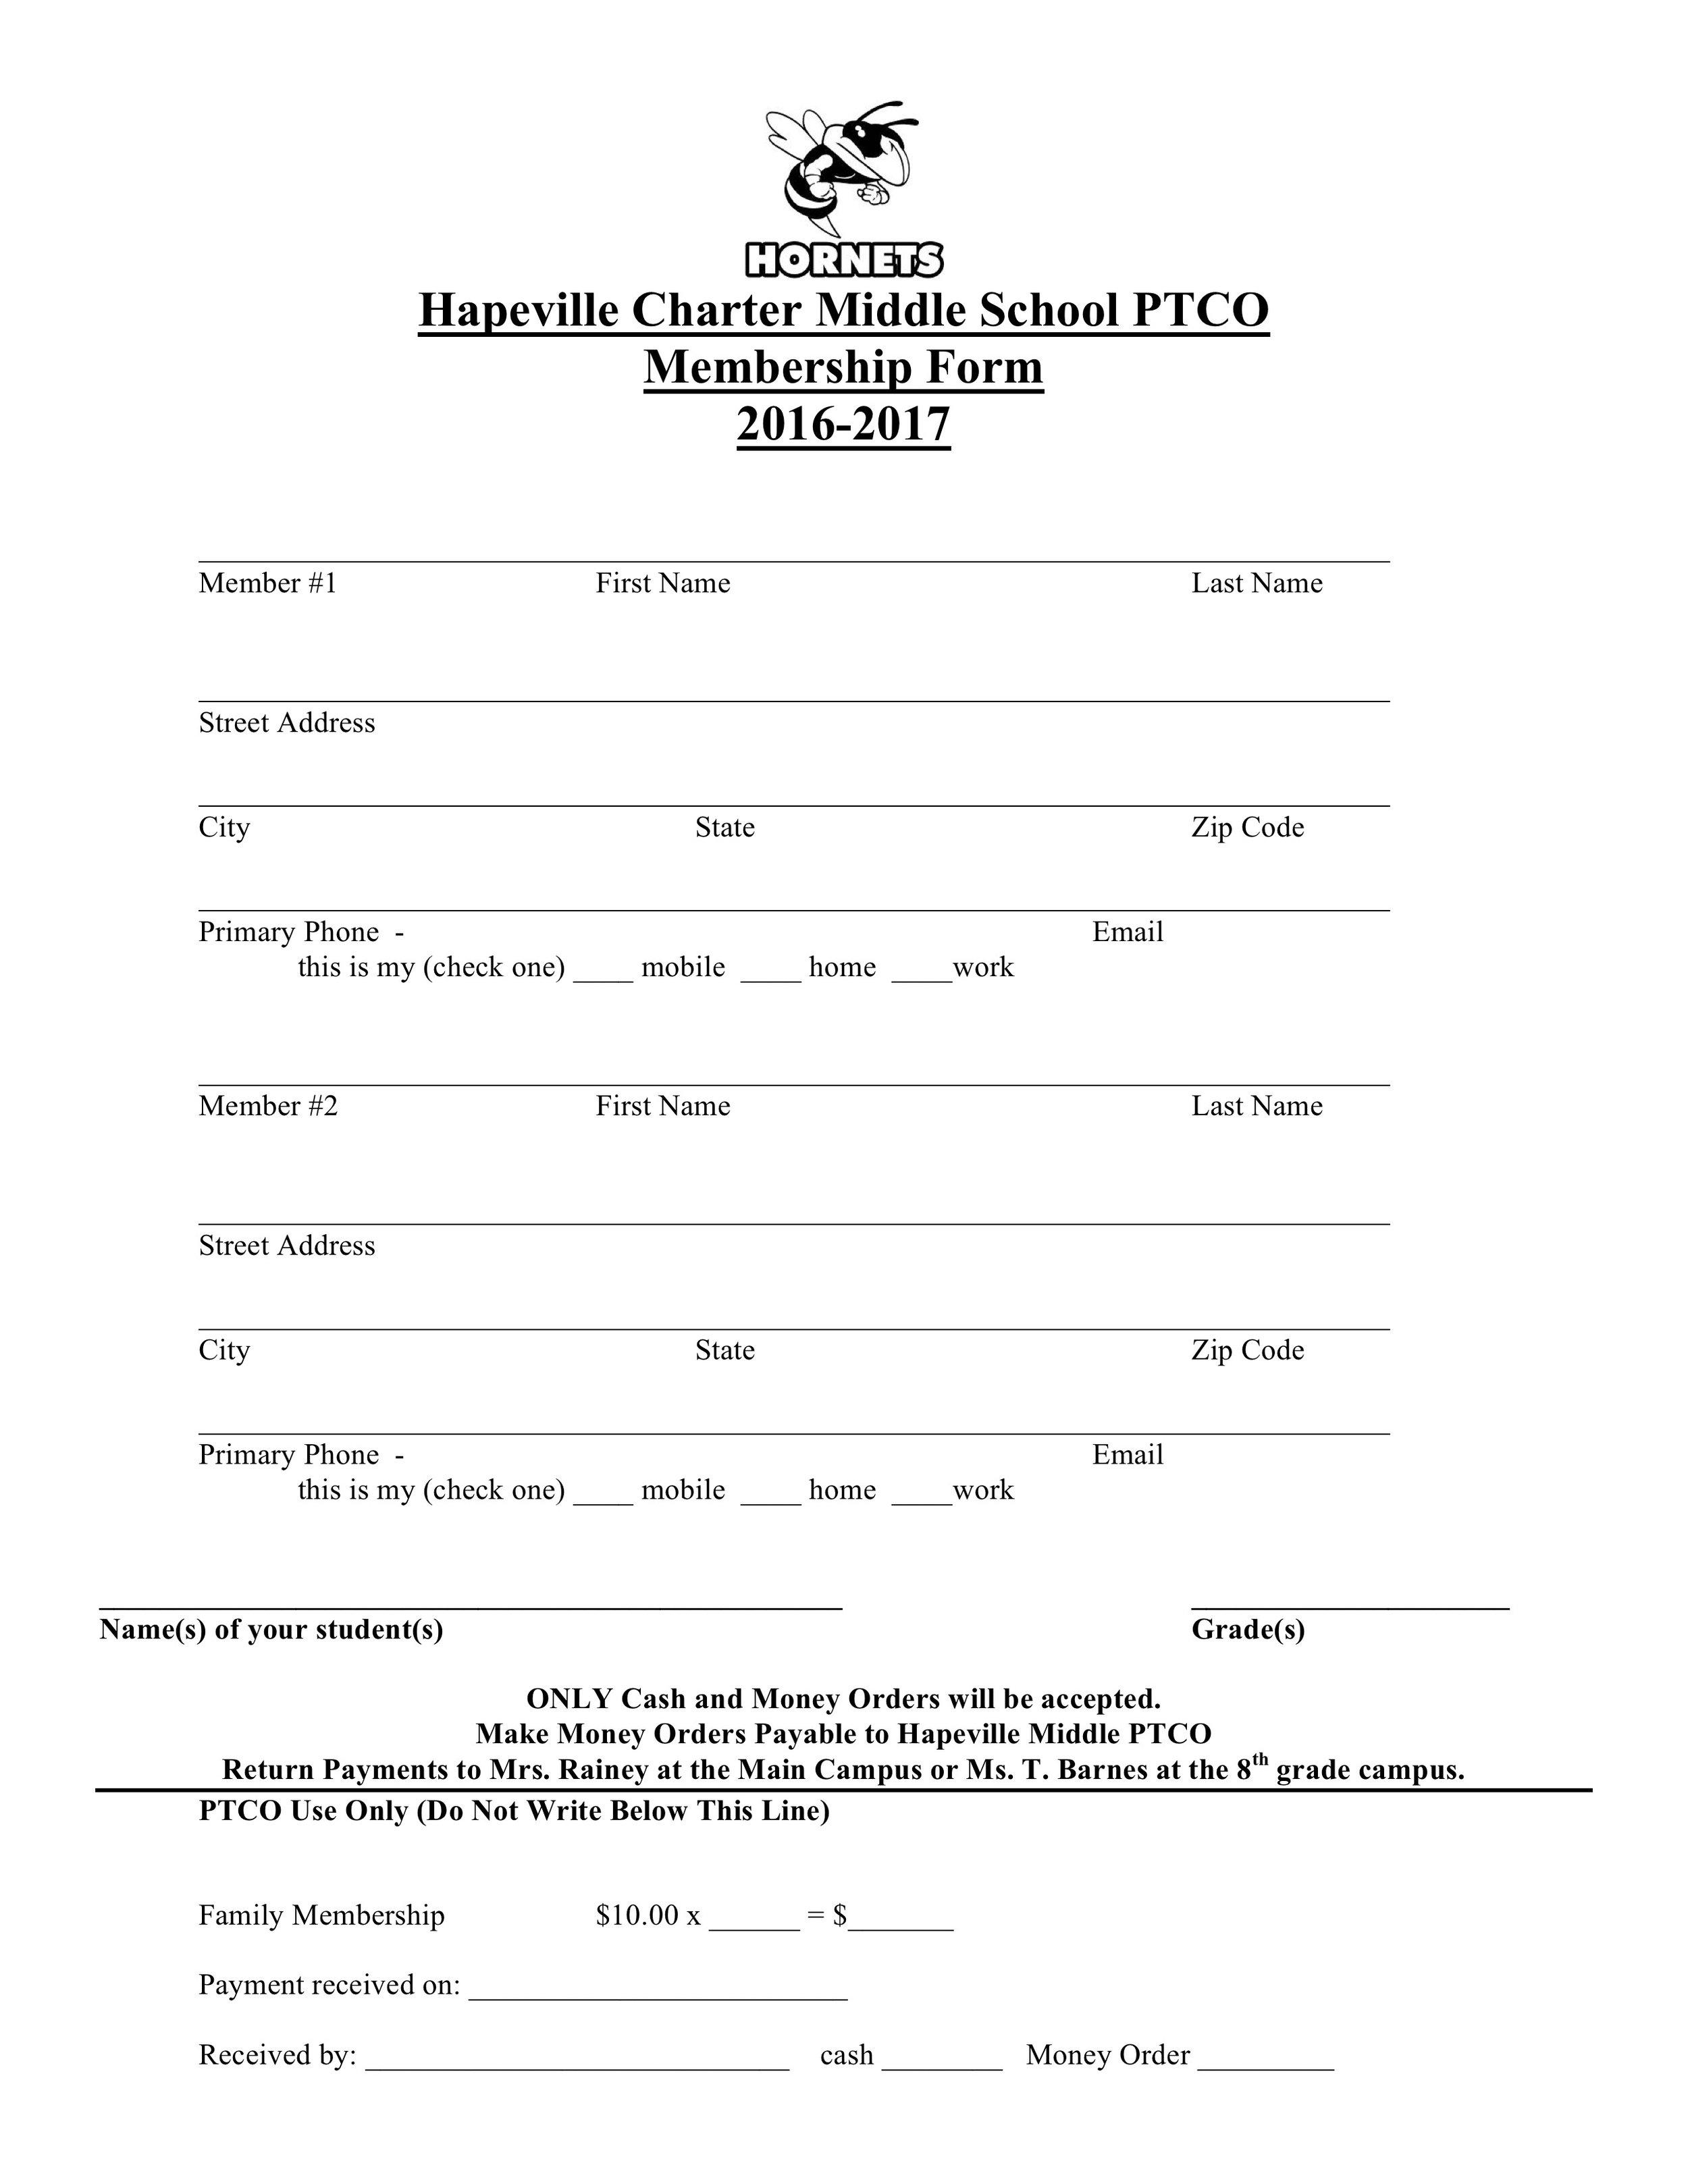 Newsletter Image7th Grade Newsletter 9-5-2016 9.jpeg